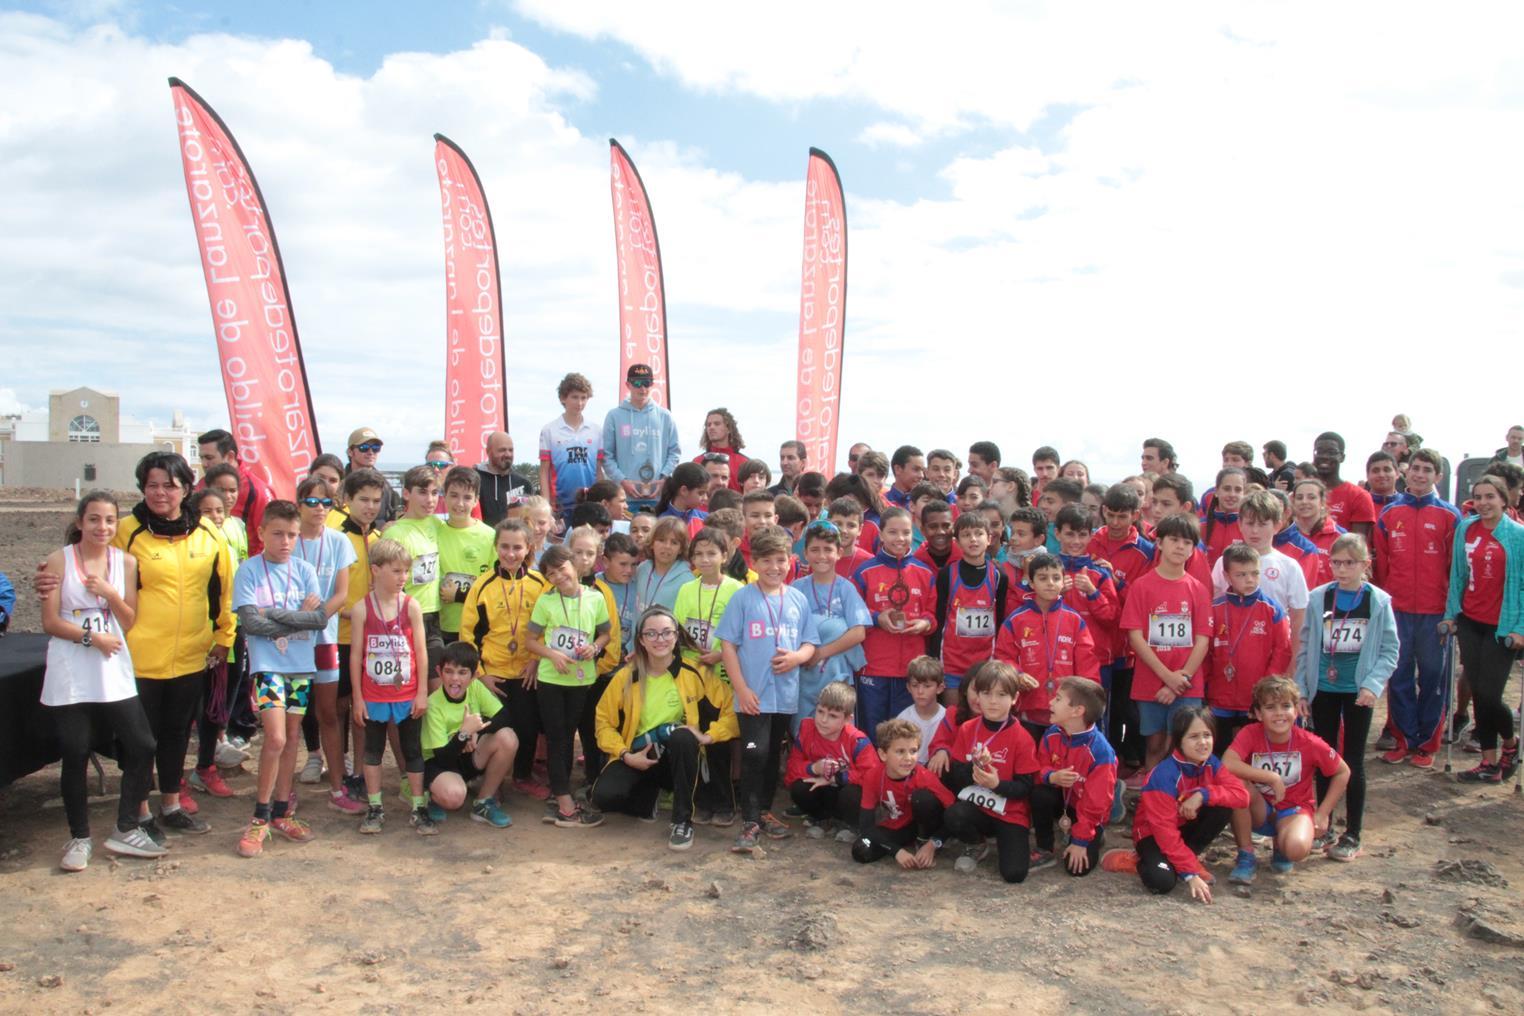 Concluye la competición de Campo a Través de los XXX Juegos Insulares de Promoción Deportiva, que tuvo más de 270 participantes